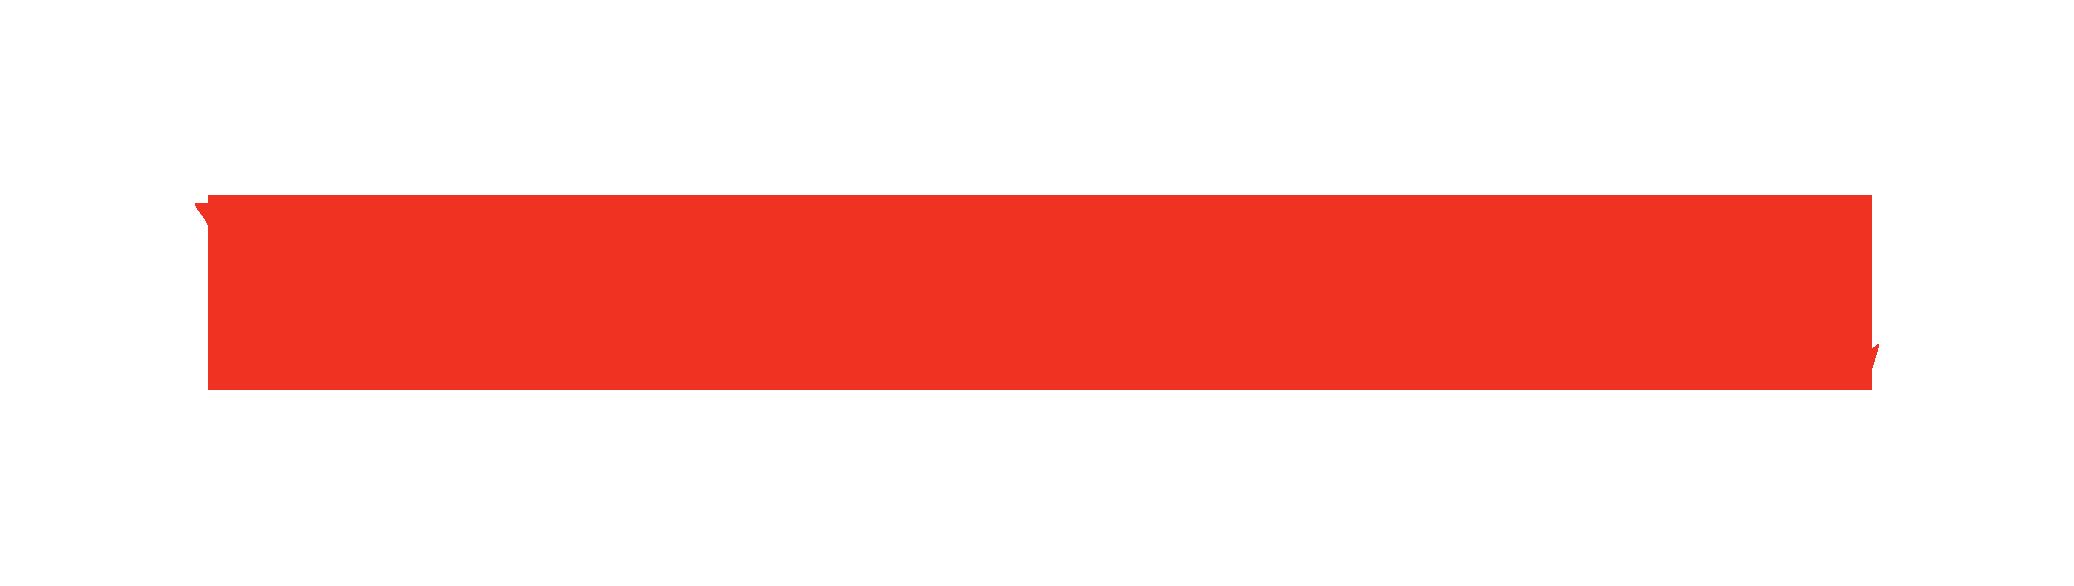 VIKINGLINE_logotype RED-RGB.png